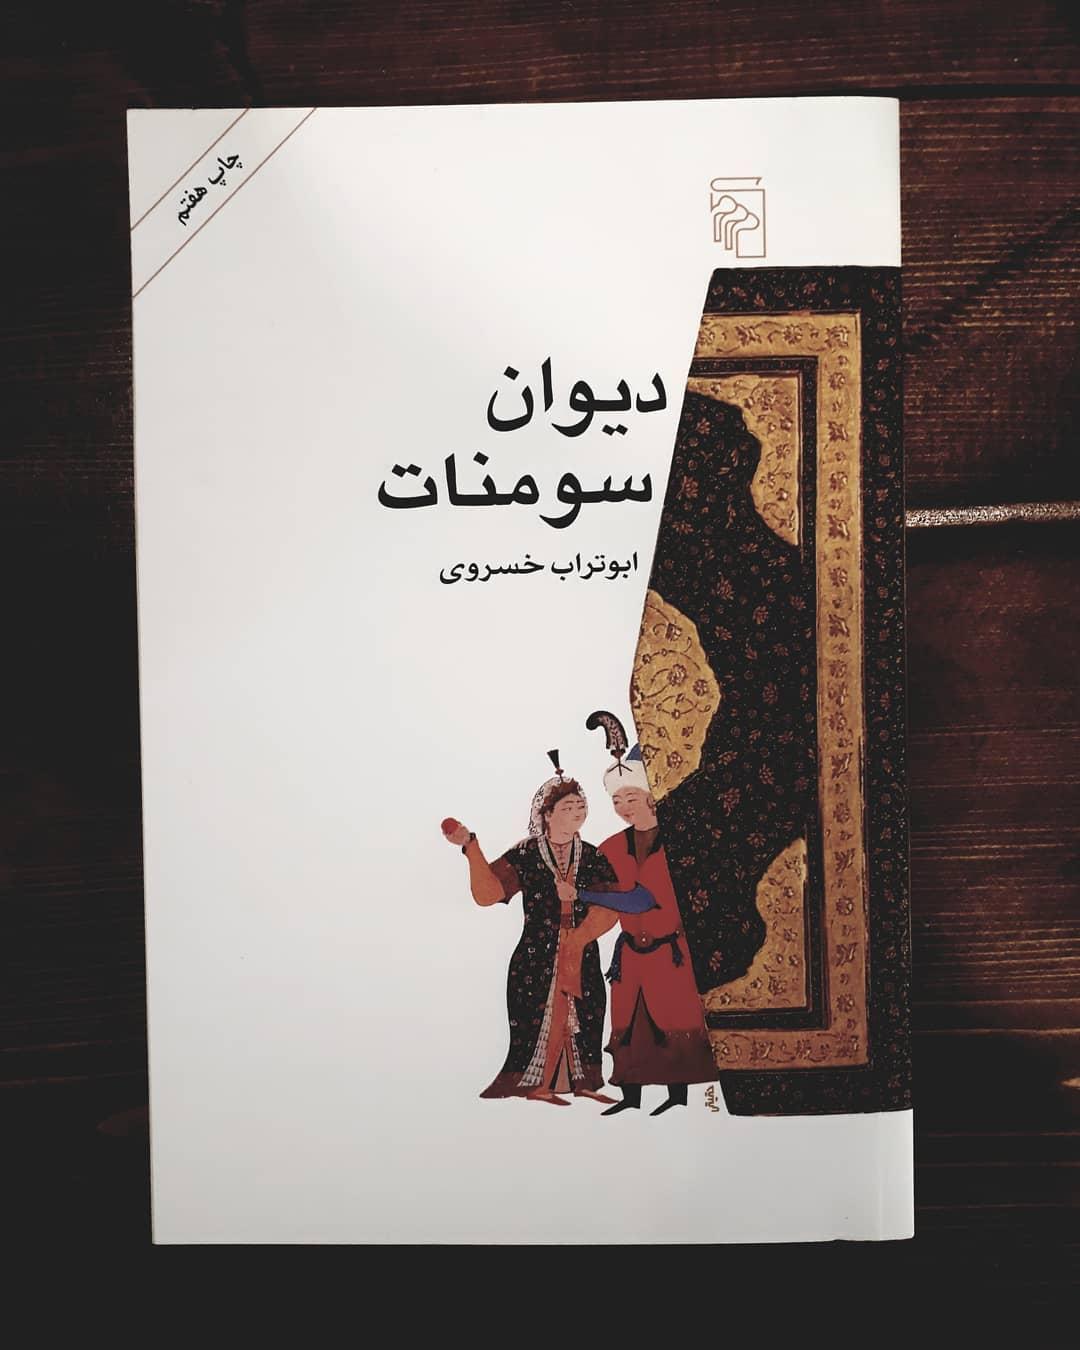 معرفی و تحلیل مجموعه داستان کوتاه دیوان سومنات نوشته ابوتراب خسروی